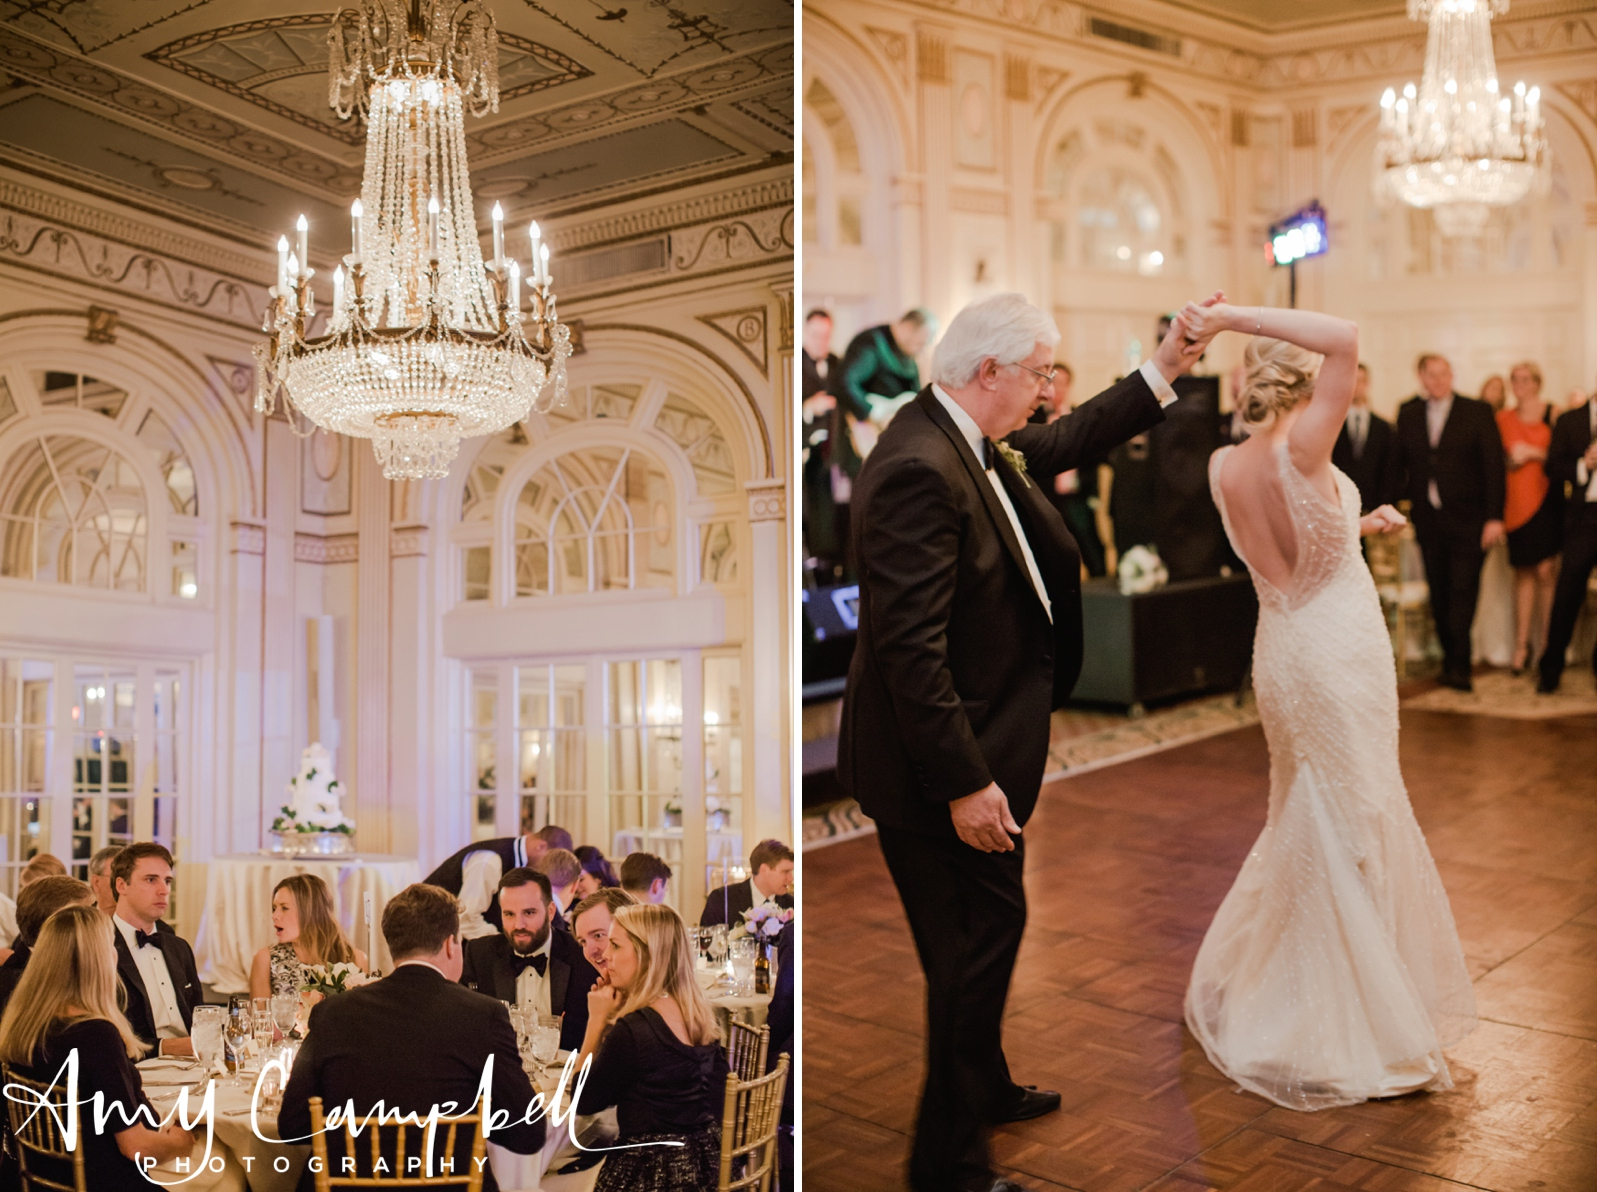 emmakyle_wedding_fb_amycampbellphotography_0043.jpg